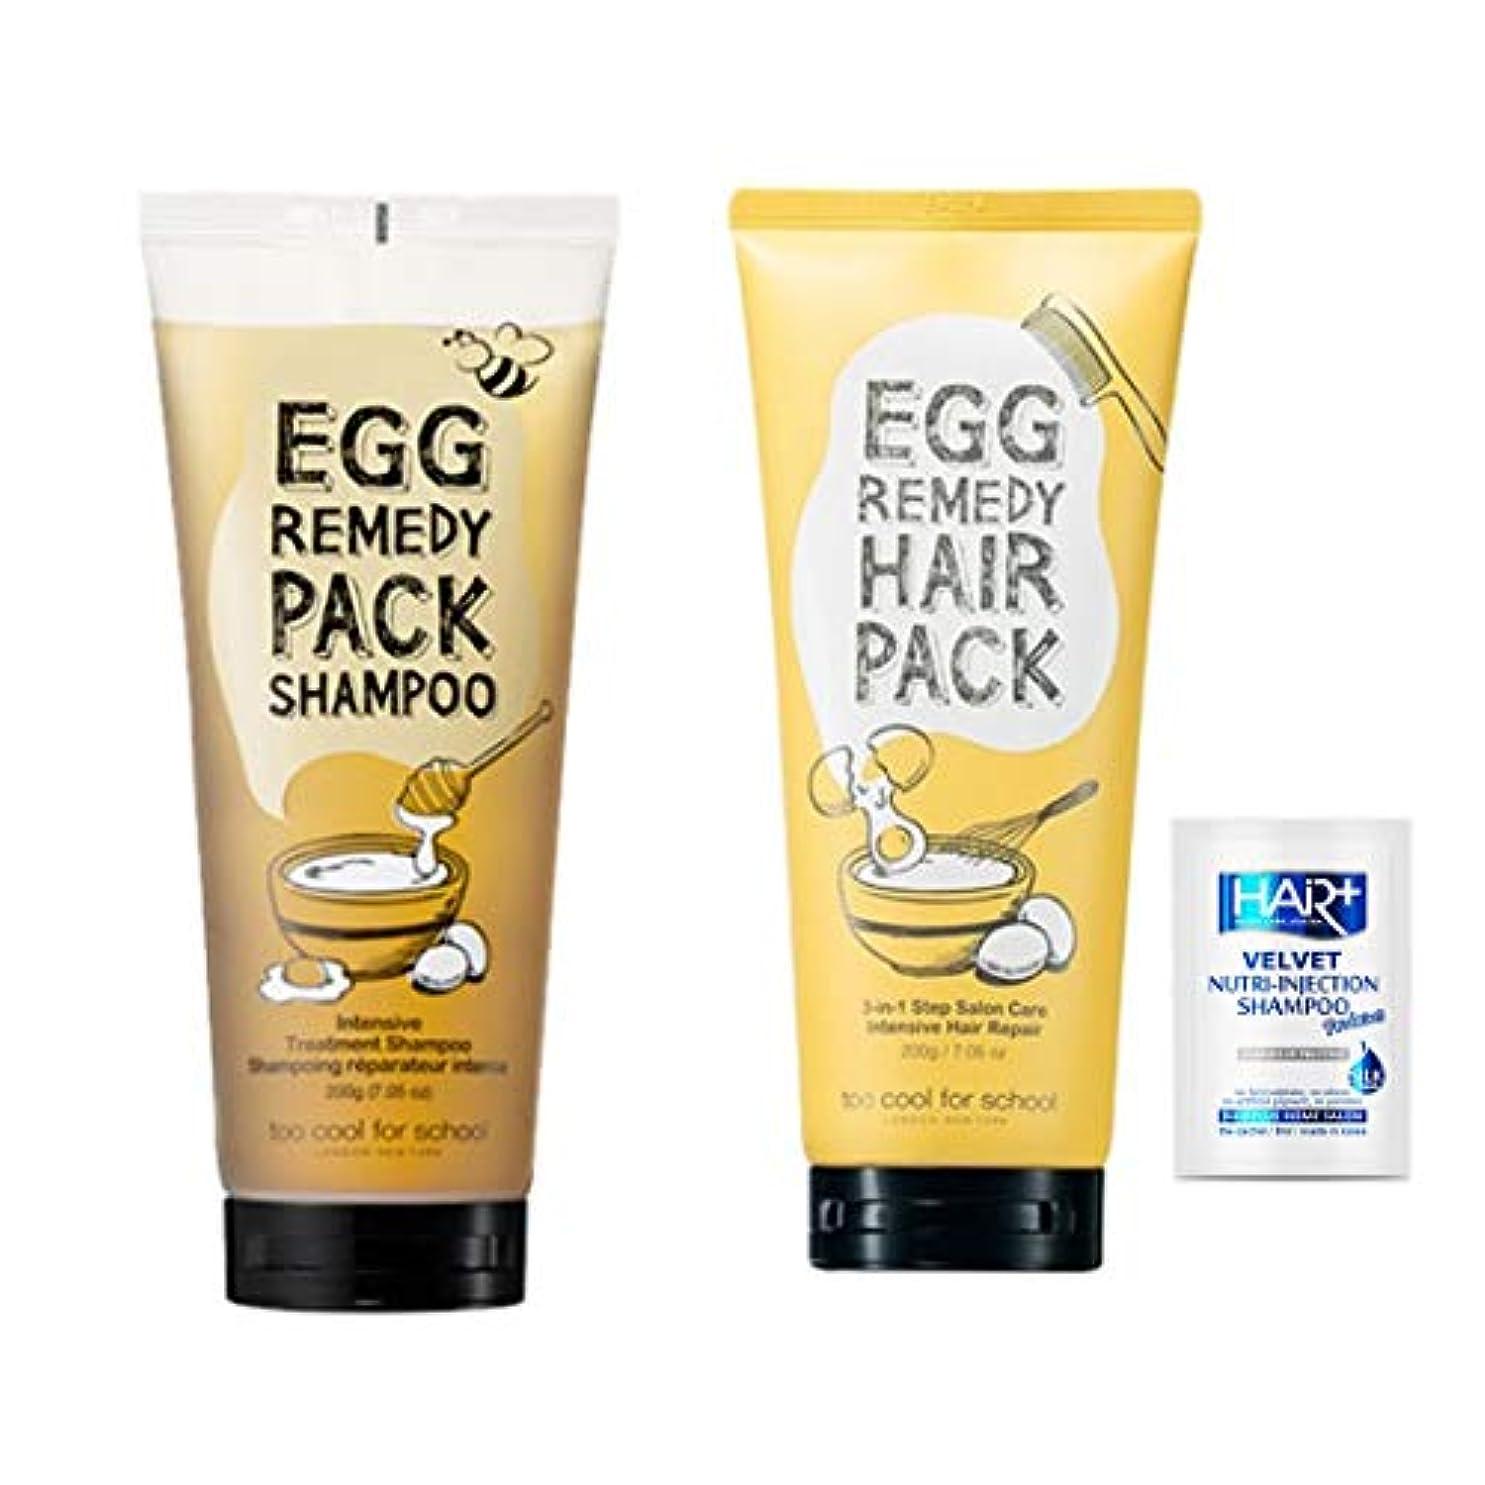 媒染剤ルーチン地区トゥークールフォ―スクール(too cool for school)/エッグレミディパックシャンプーtoo cool for school Egg Remedy Pack Shampoo 200ml + エッグレミディヘアパック...